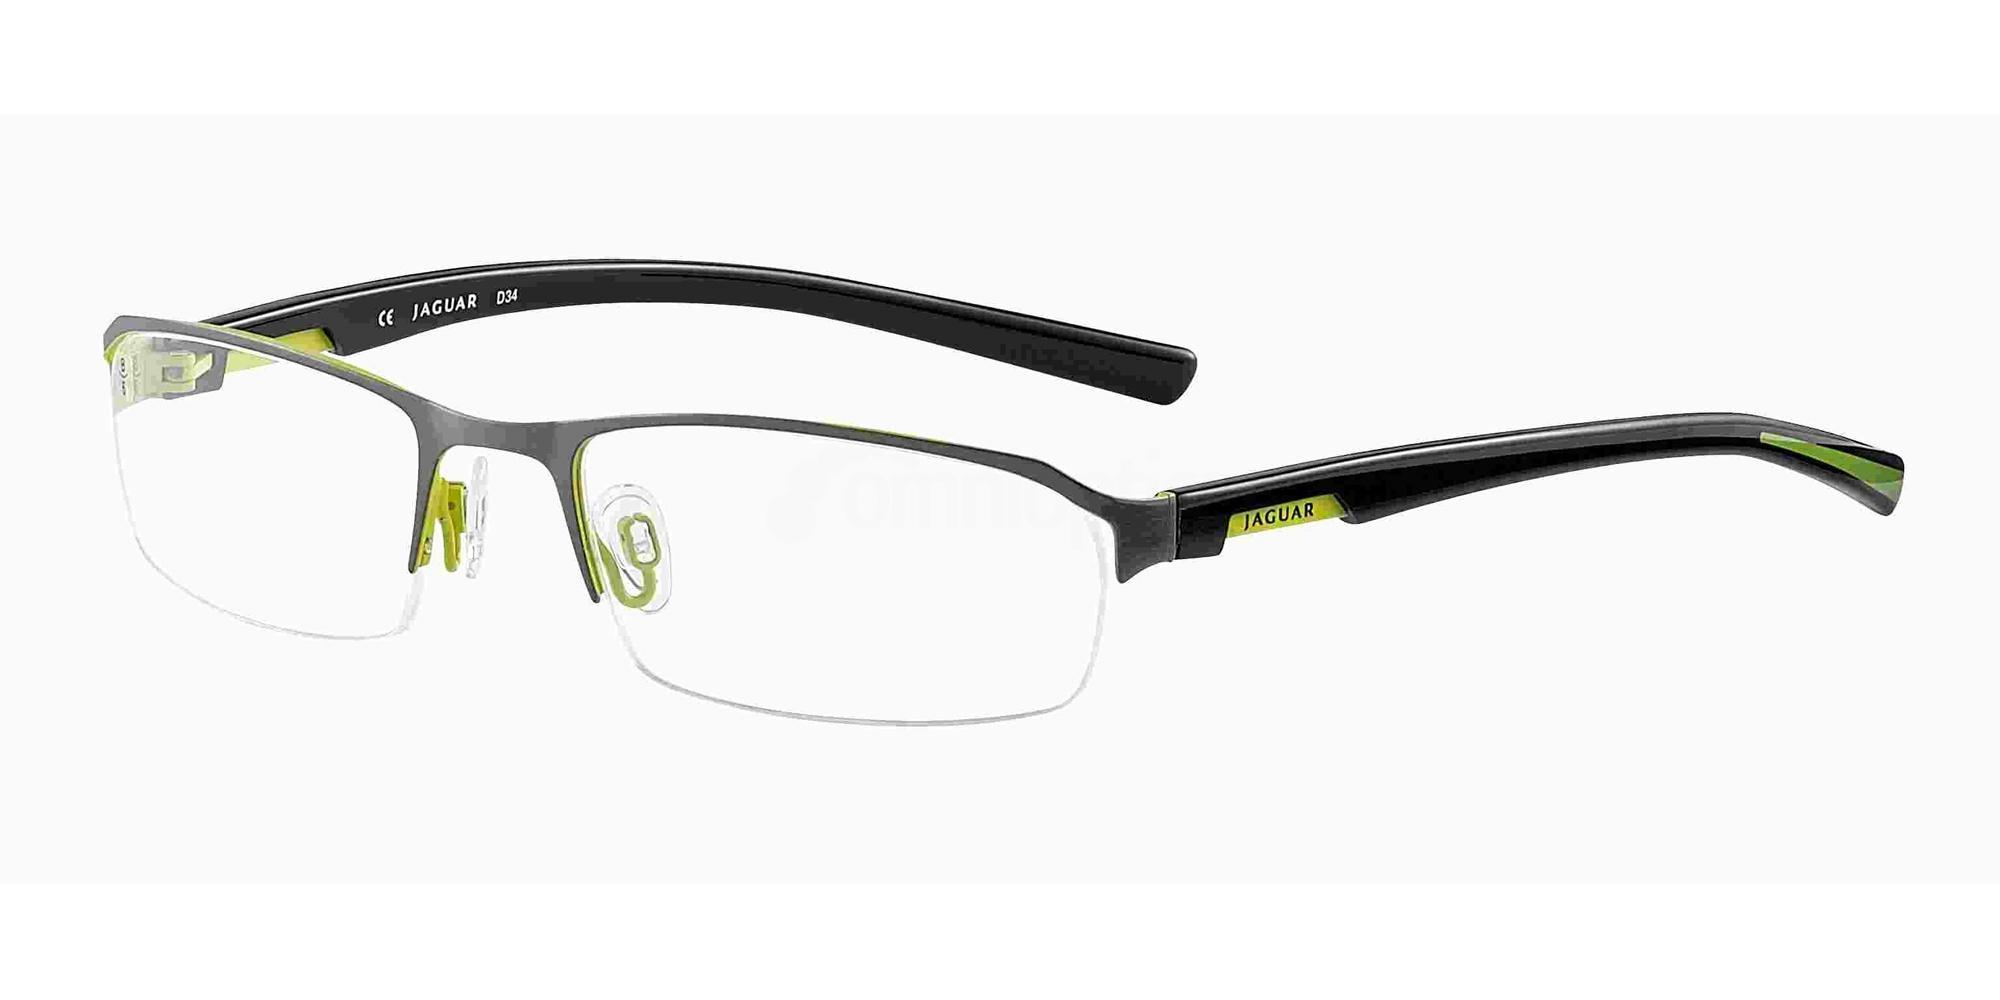 453 33513 , JAGUAR Eyewear